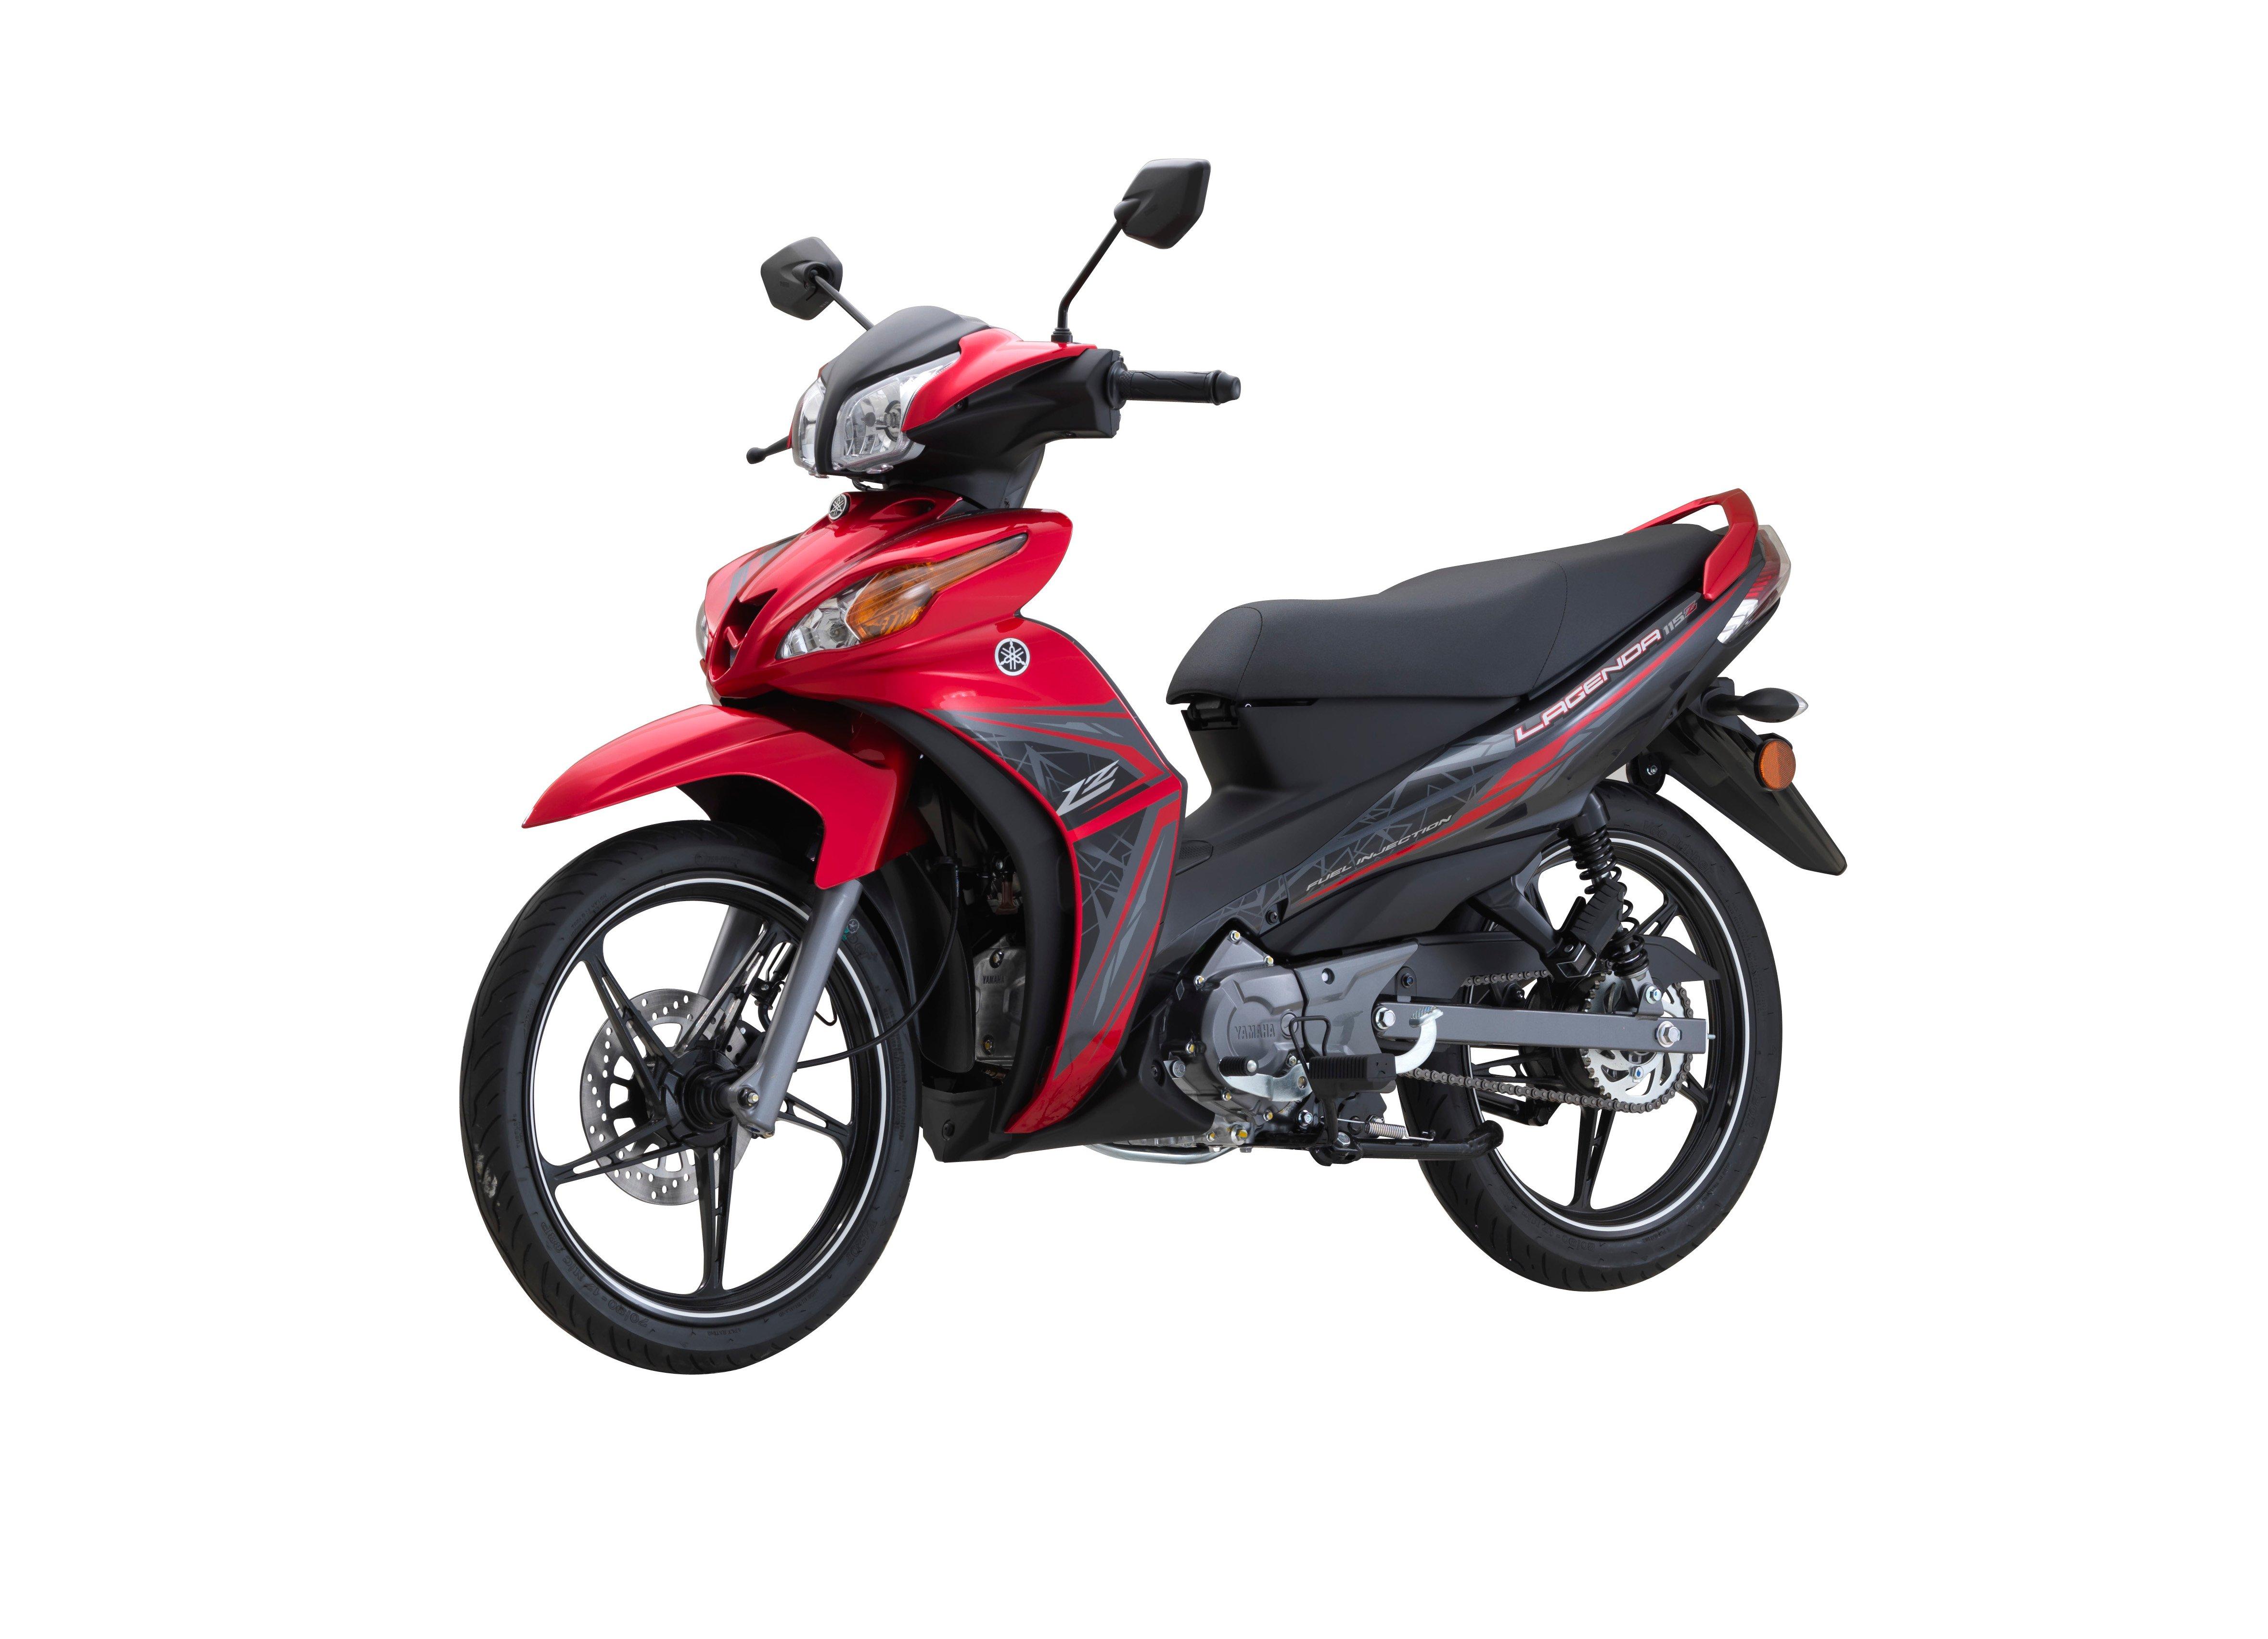 2017 Yamaha Lagenda L115z In New Colours Rm5 683 Paultan Org